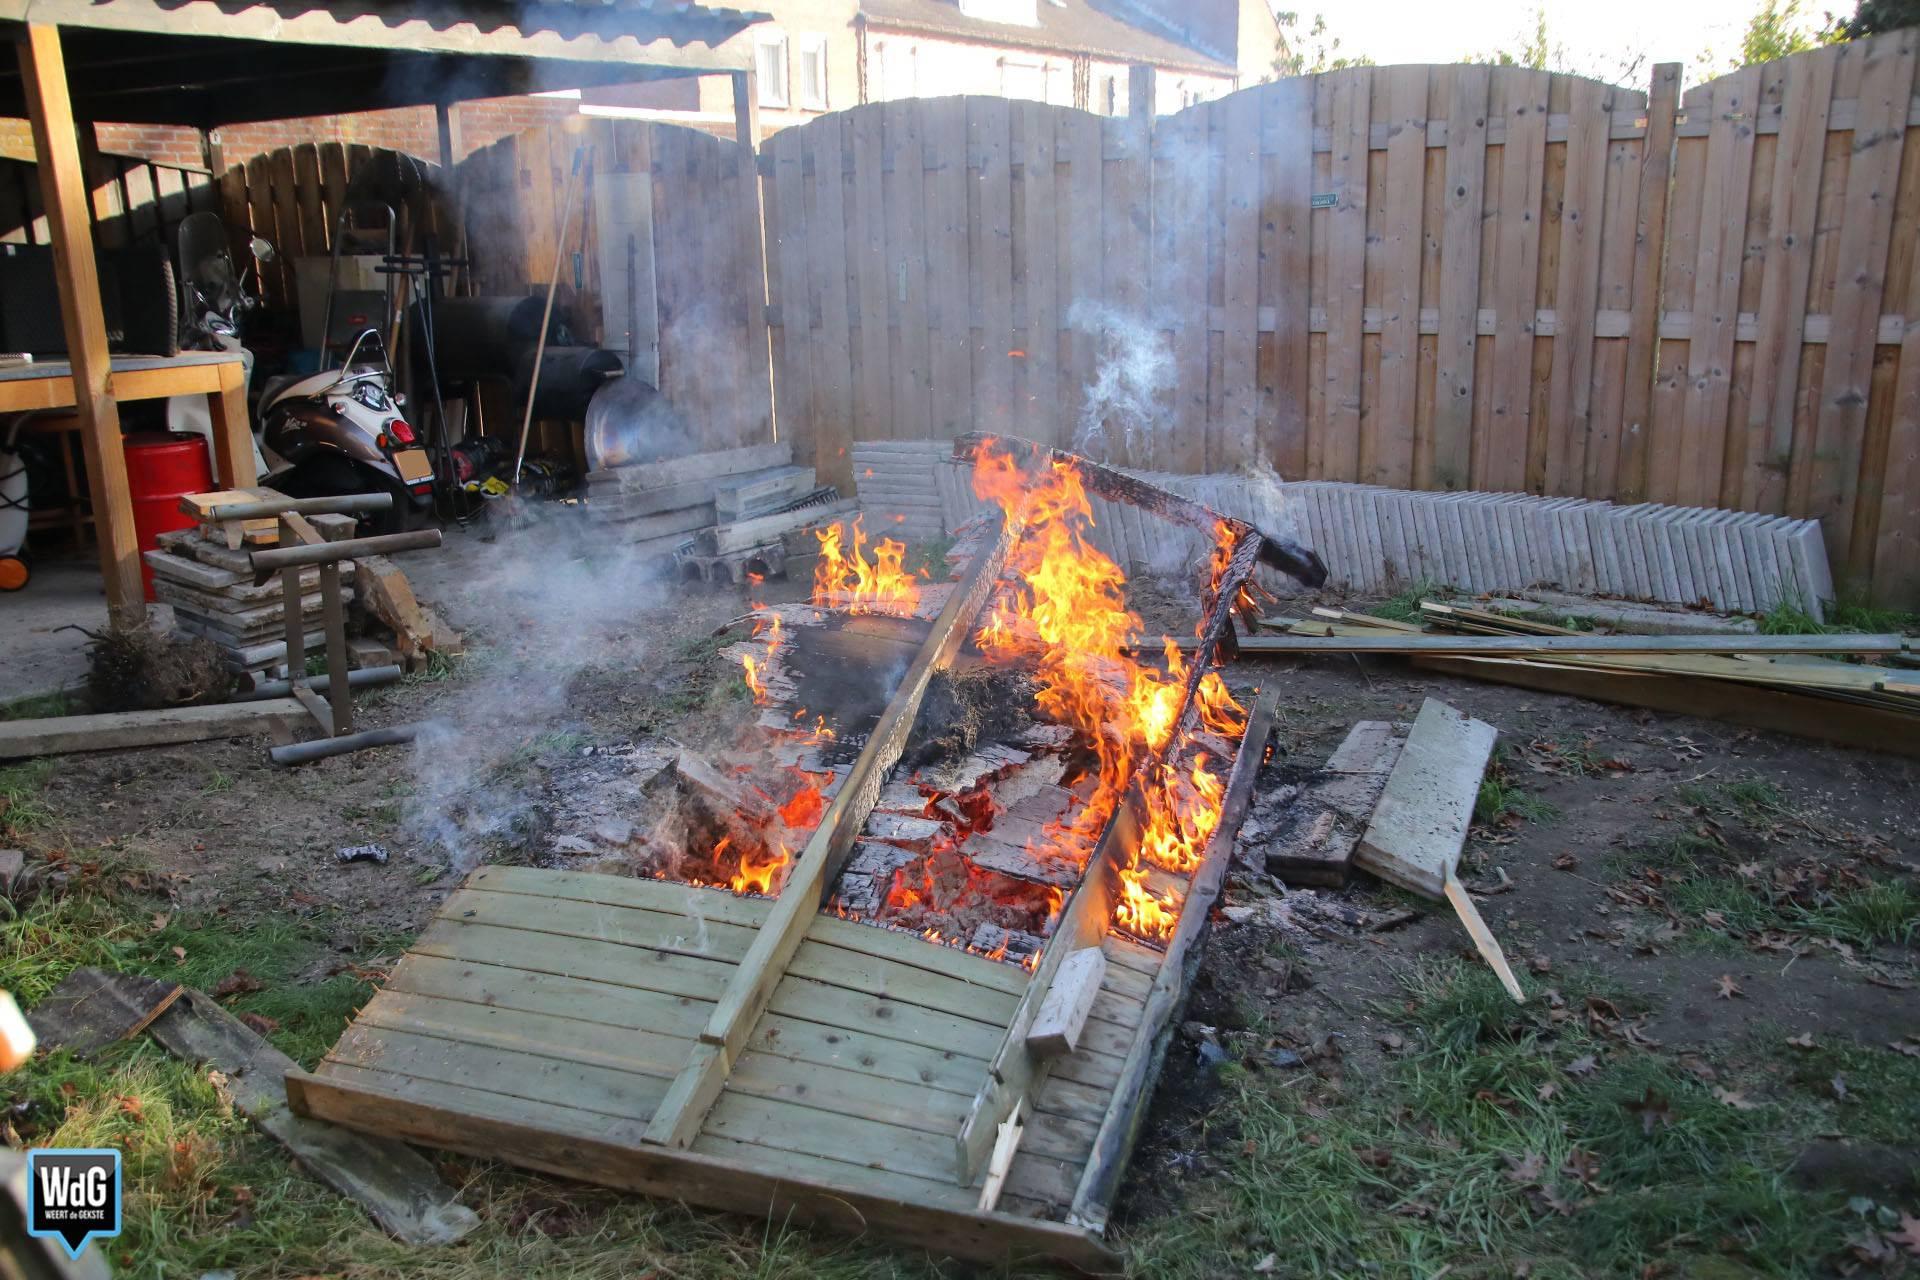 Mag je zomaar vuur maken in de tuin of op straat radio de